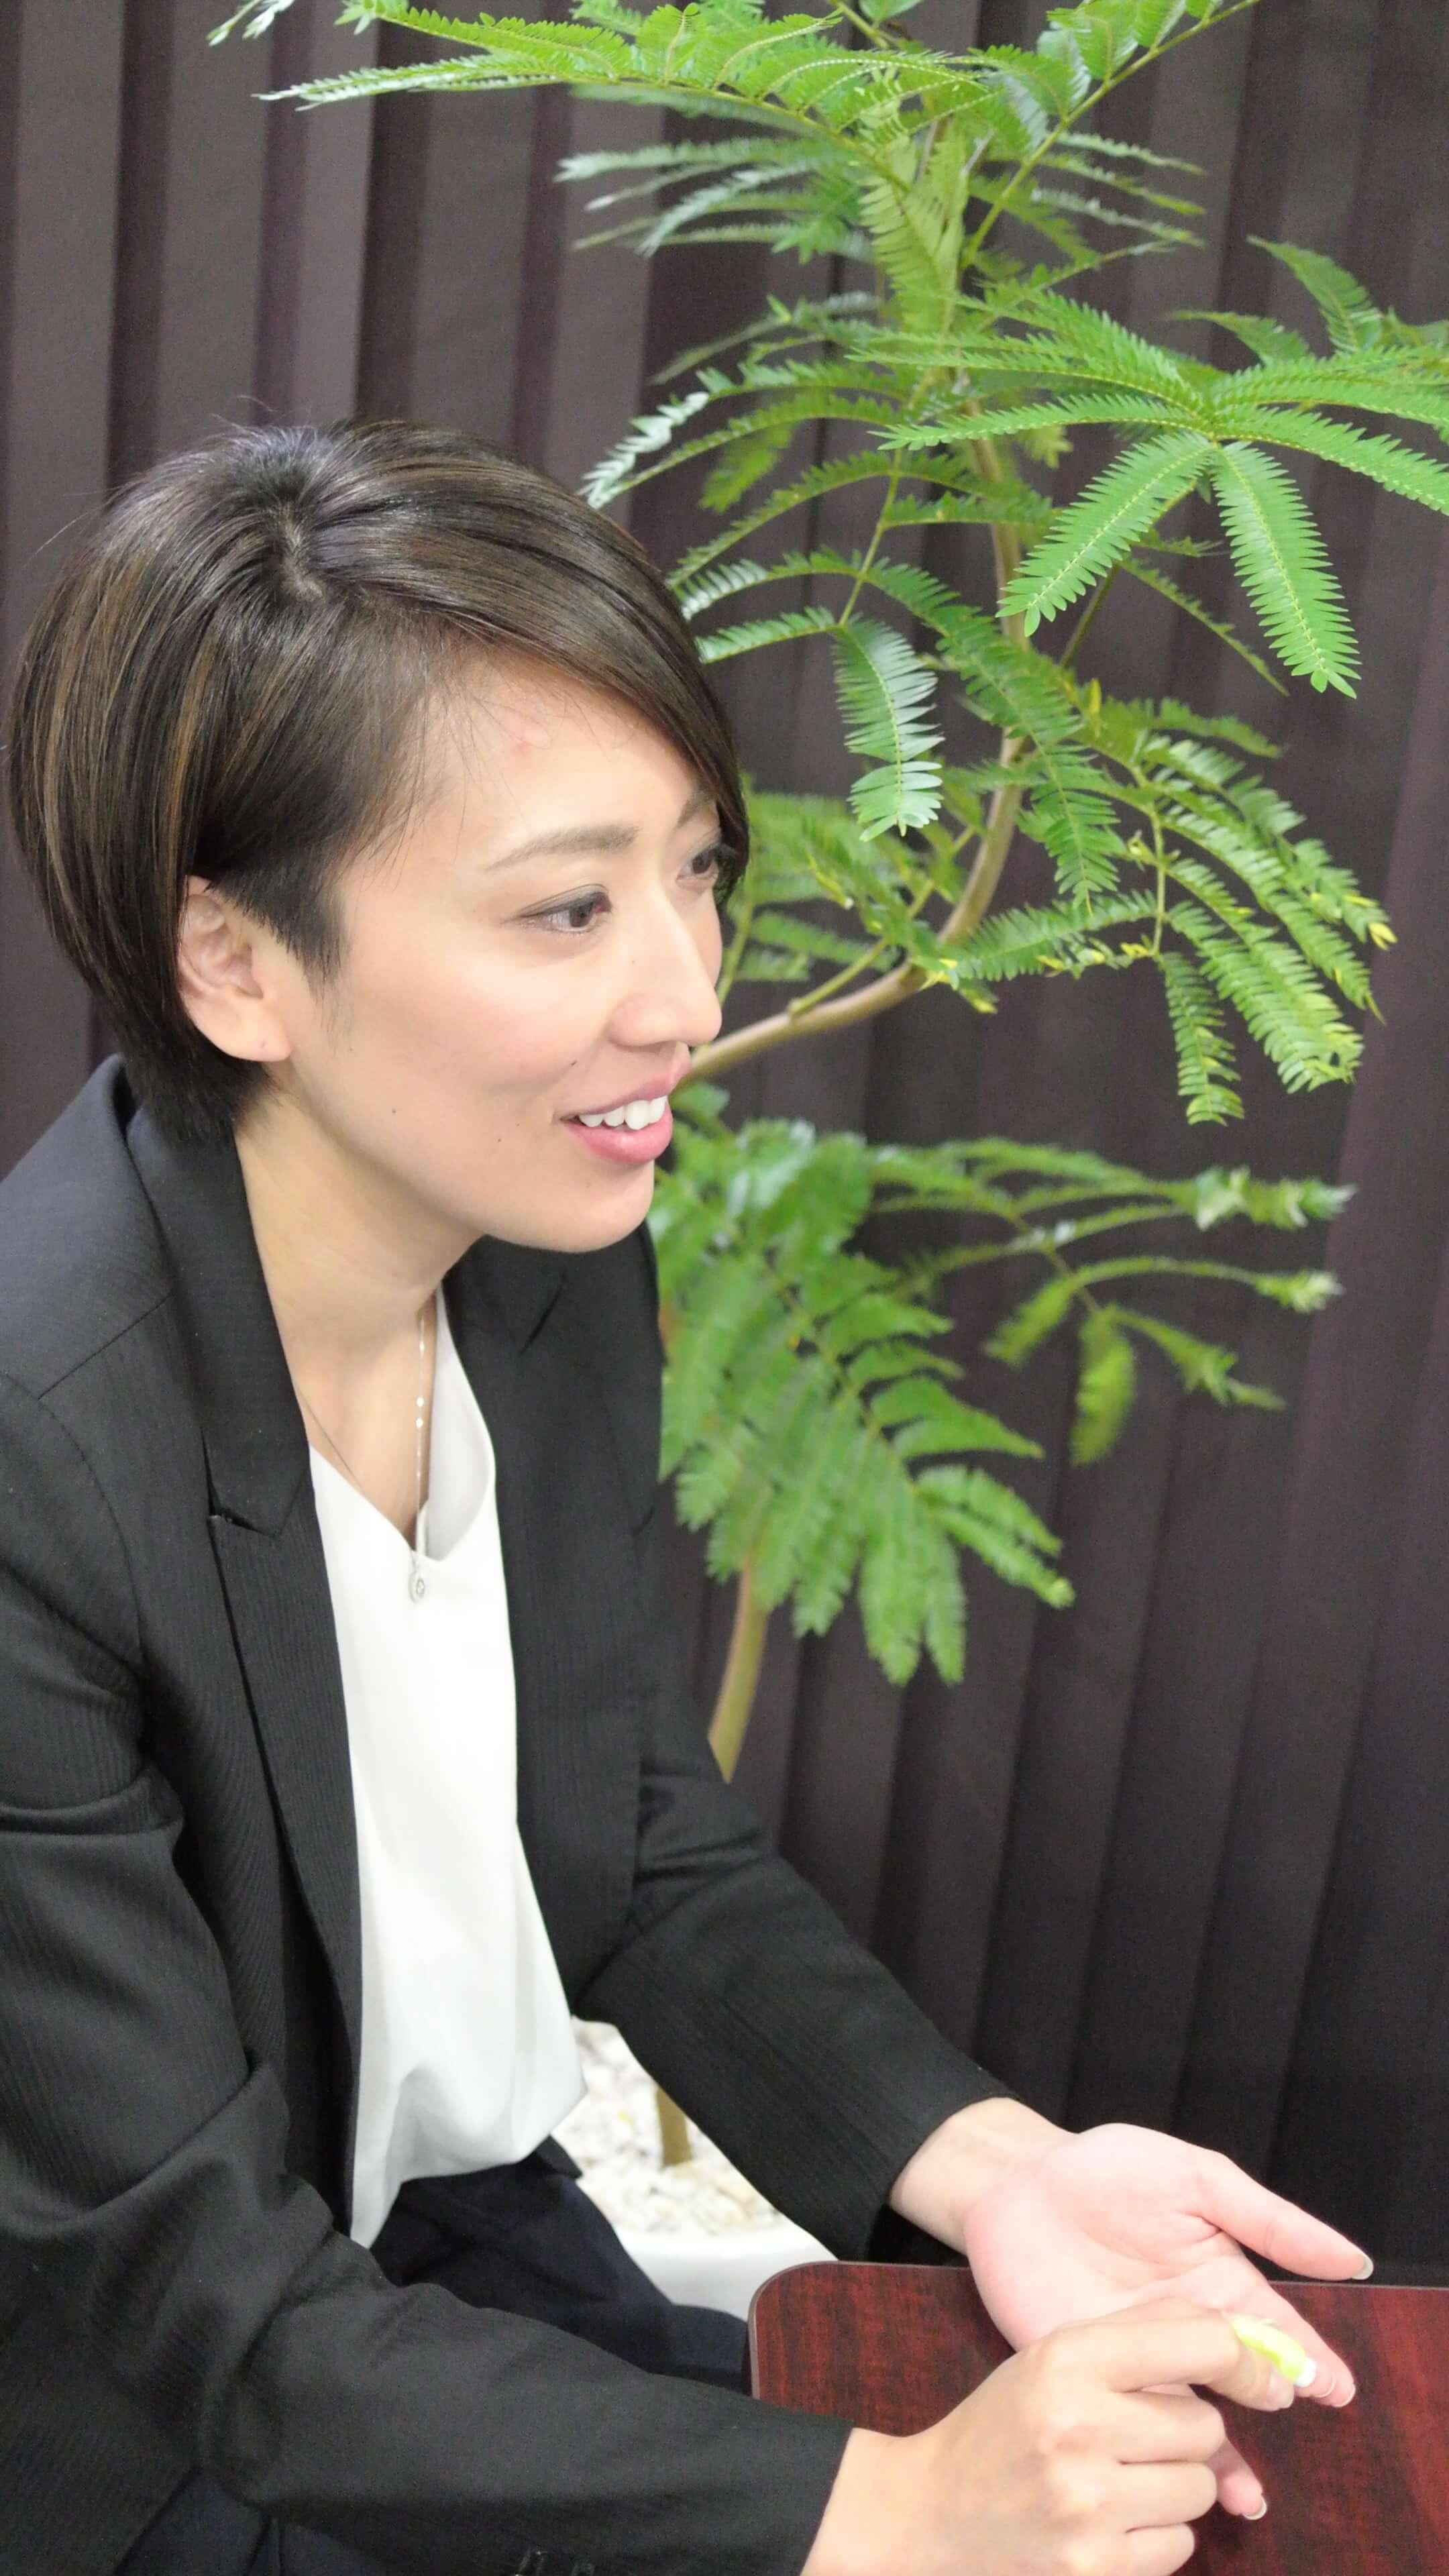 株式会社ライトニックス 代表取締役 福田萌様